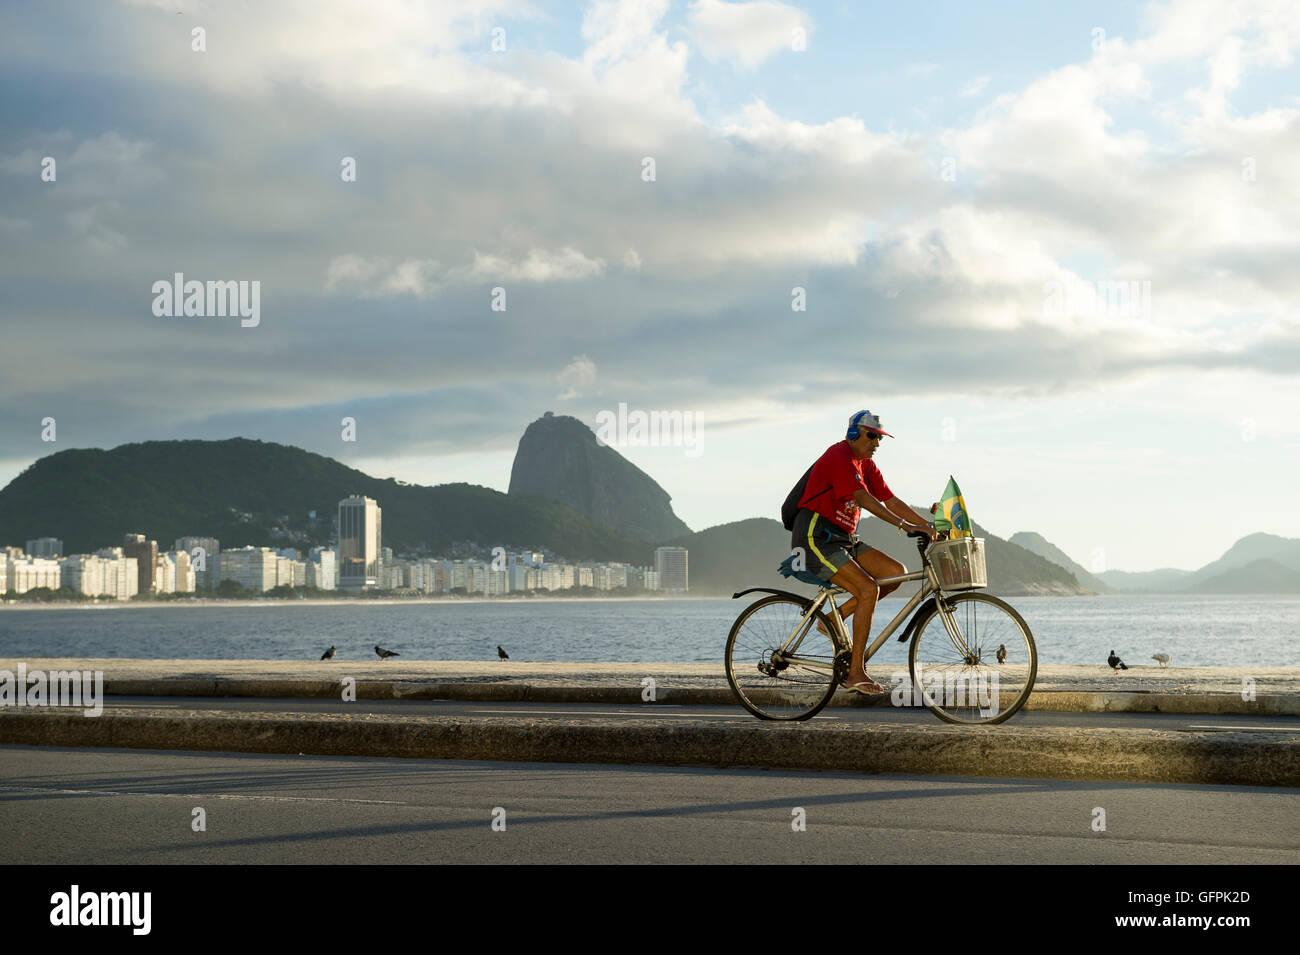 RIO DE JANEIRO - MARZO 20, 2016: un uomo brasiliano giostre di una bicicletta con una bandiera brasiliana nel cesto Immagini Stock